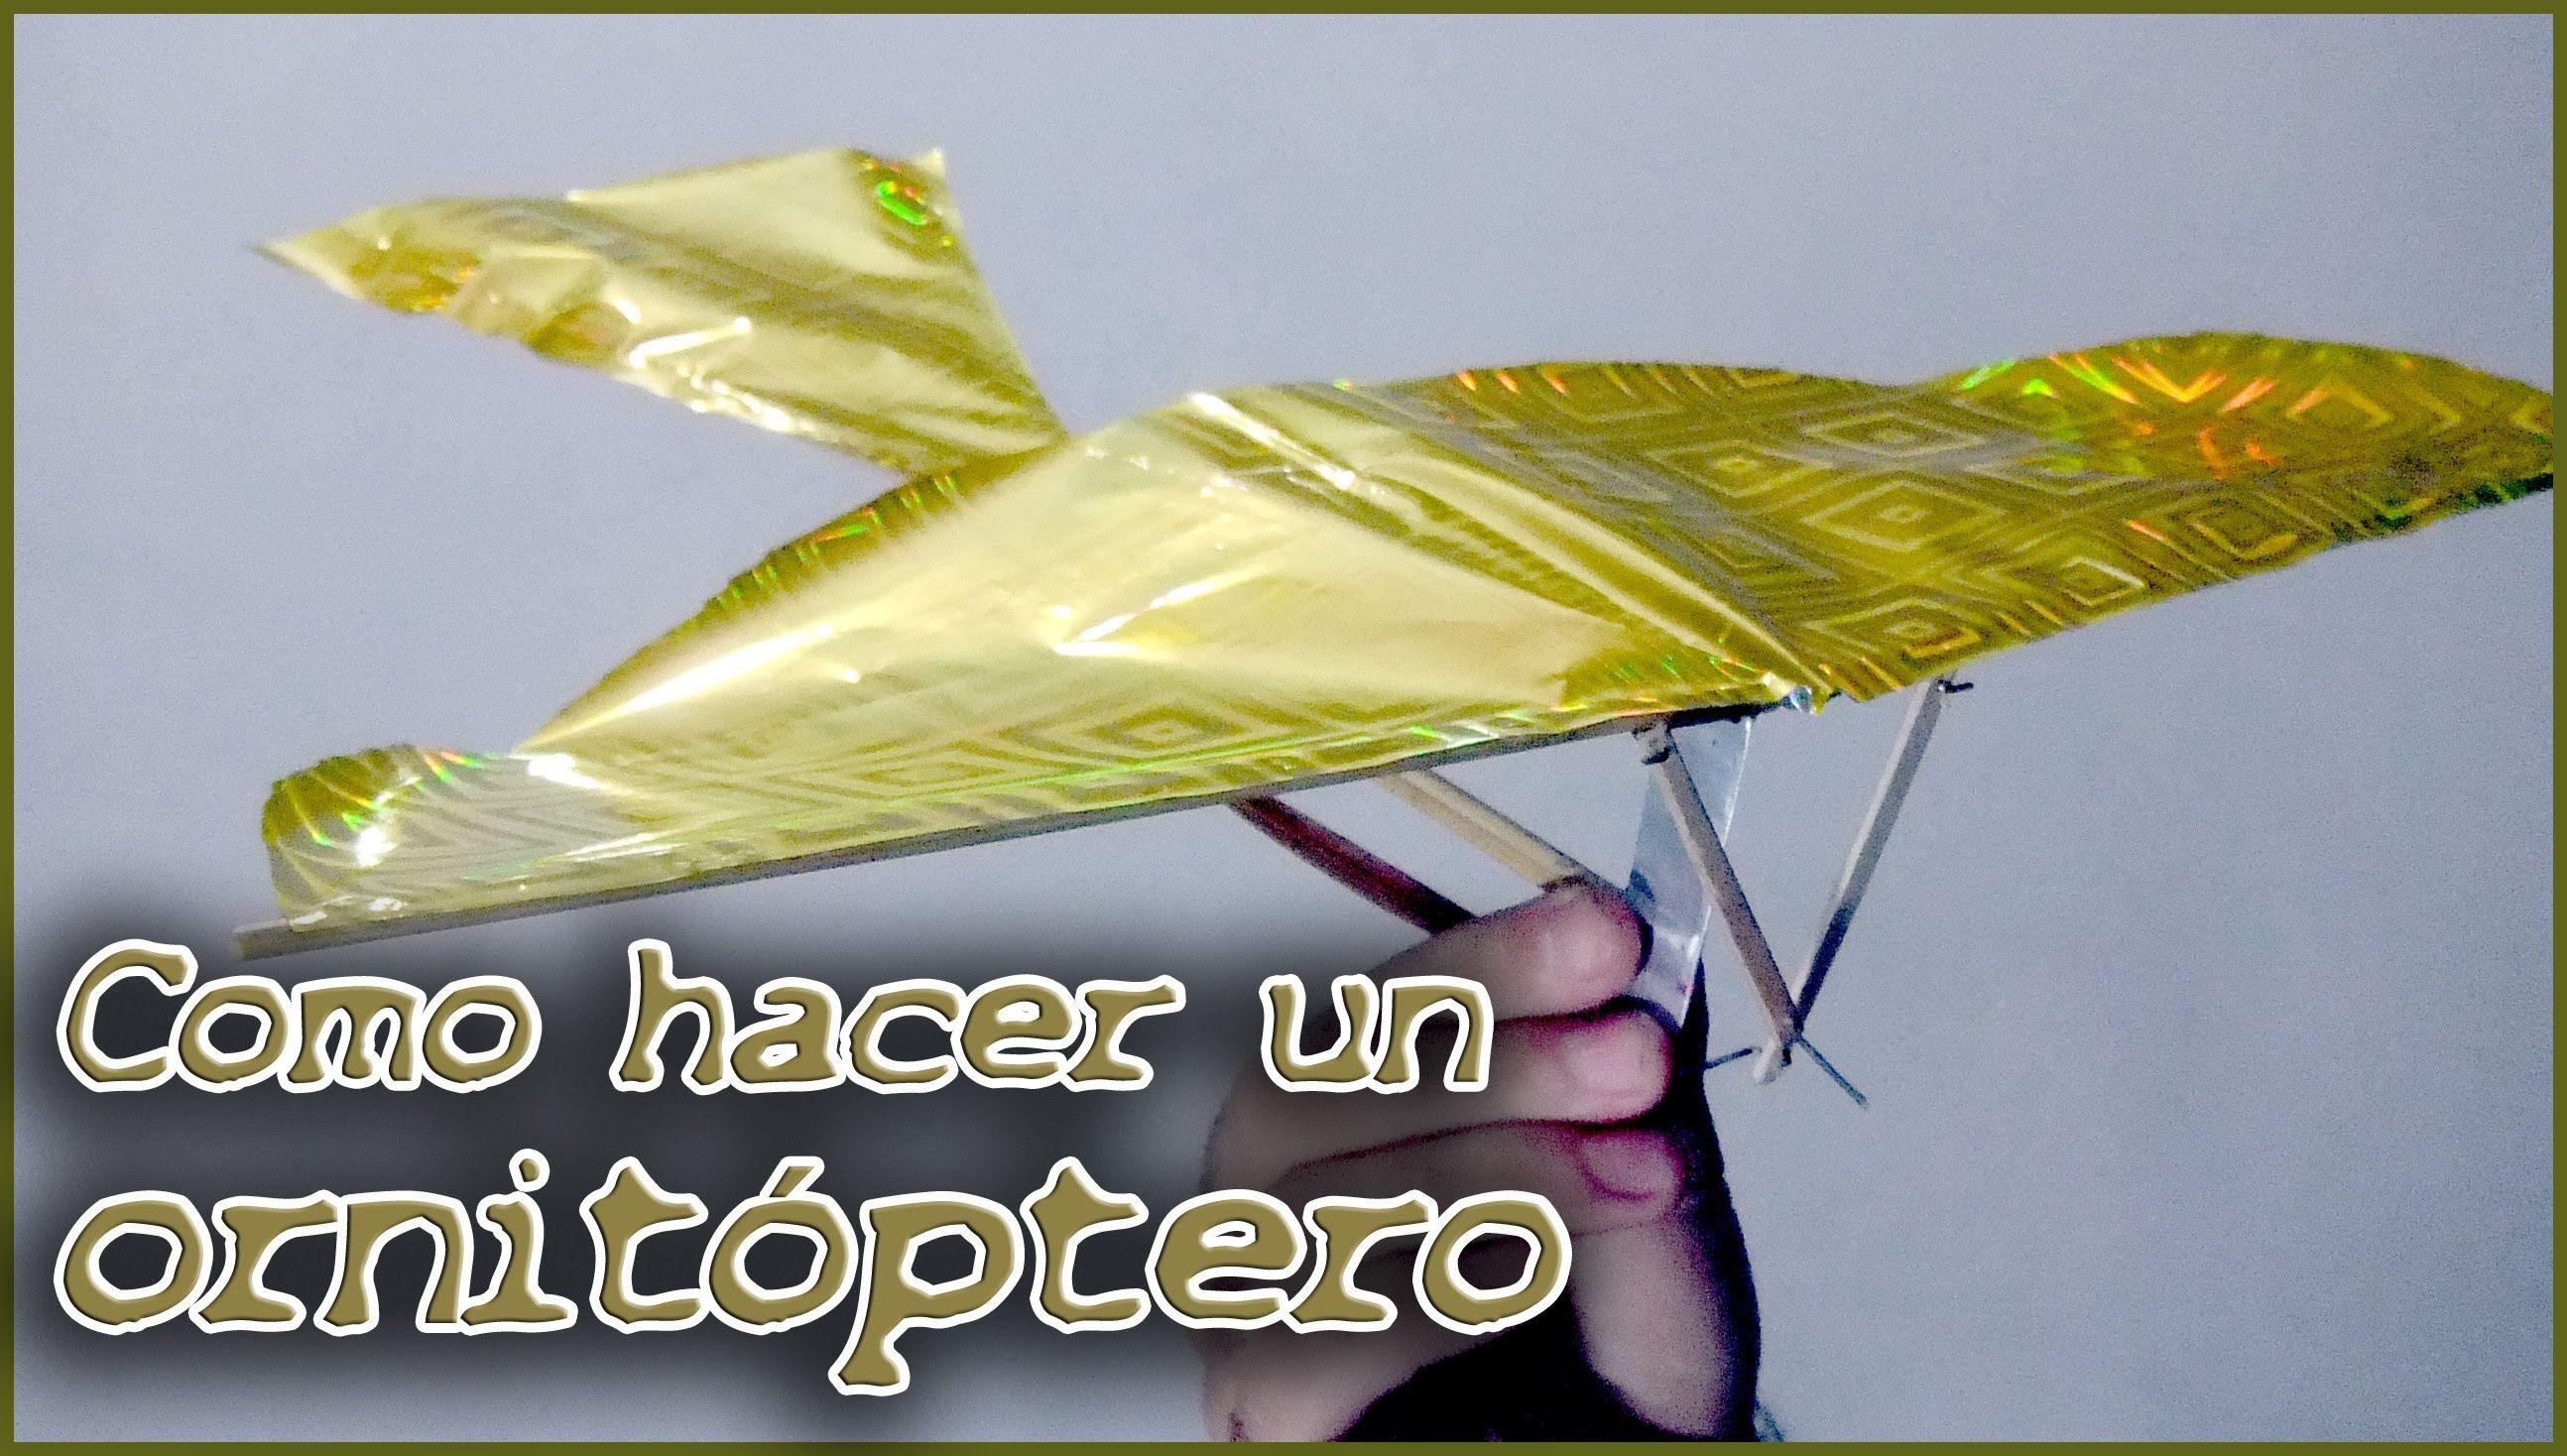 Hacer Un Pájaro Juguetes Como MecánicoCosos Ornitóptero O oEQrBCdxeW